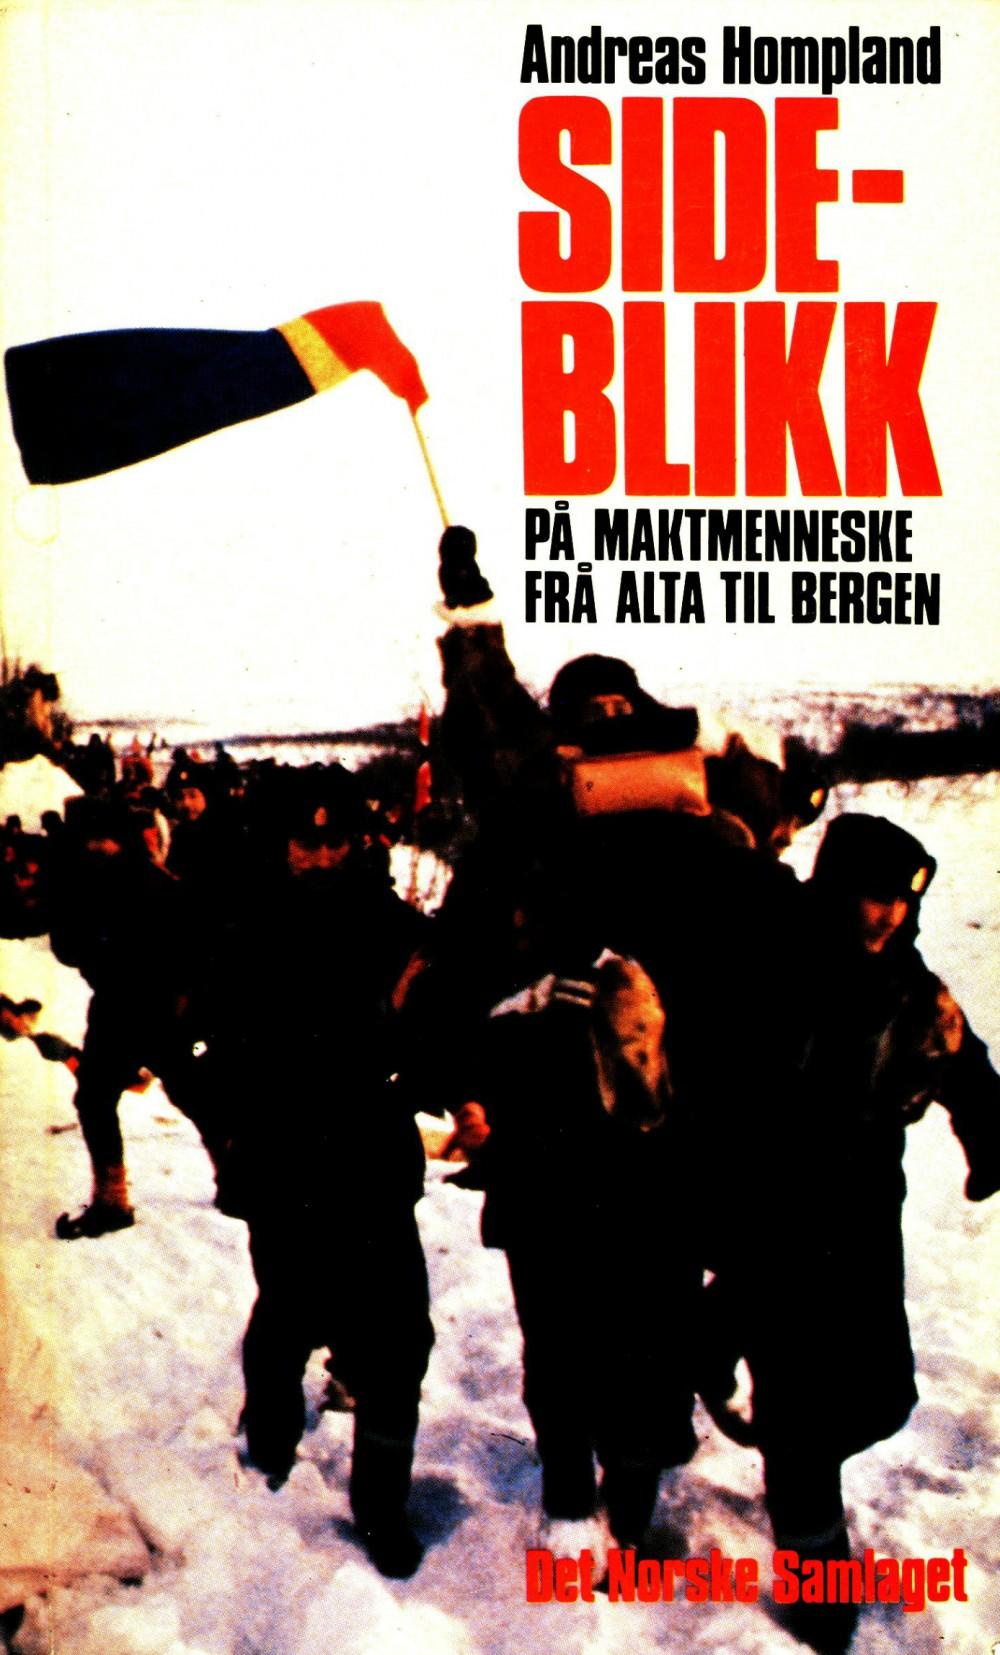 Andreas Hompland: Sideblikk på maktmenneske frå Alta til Bergen